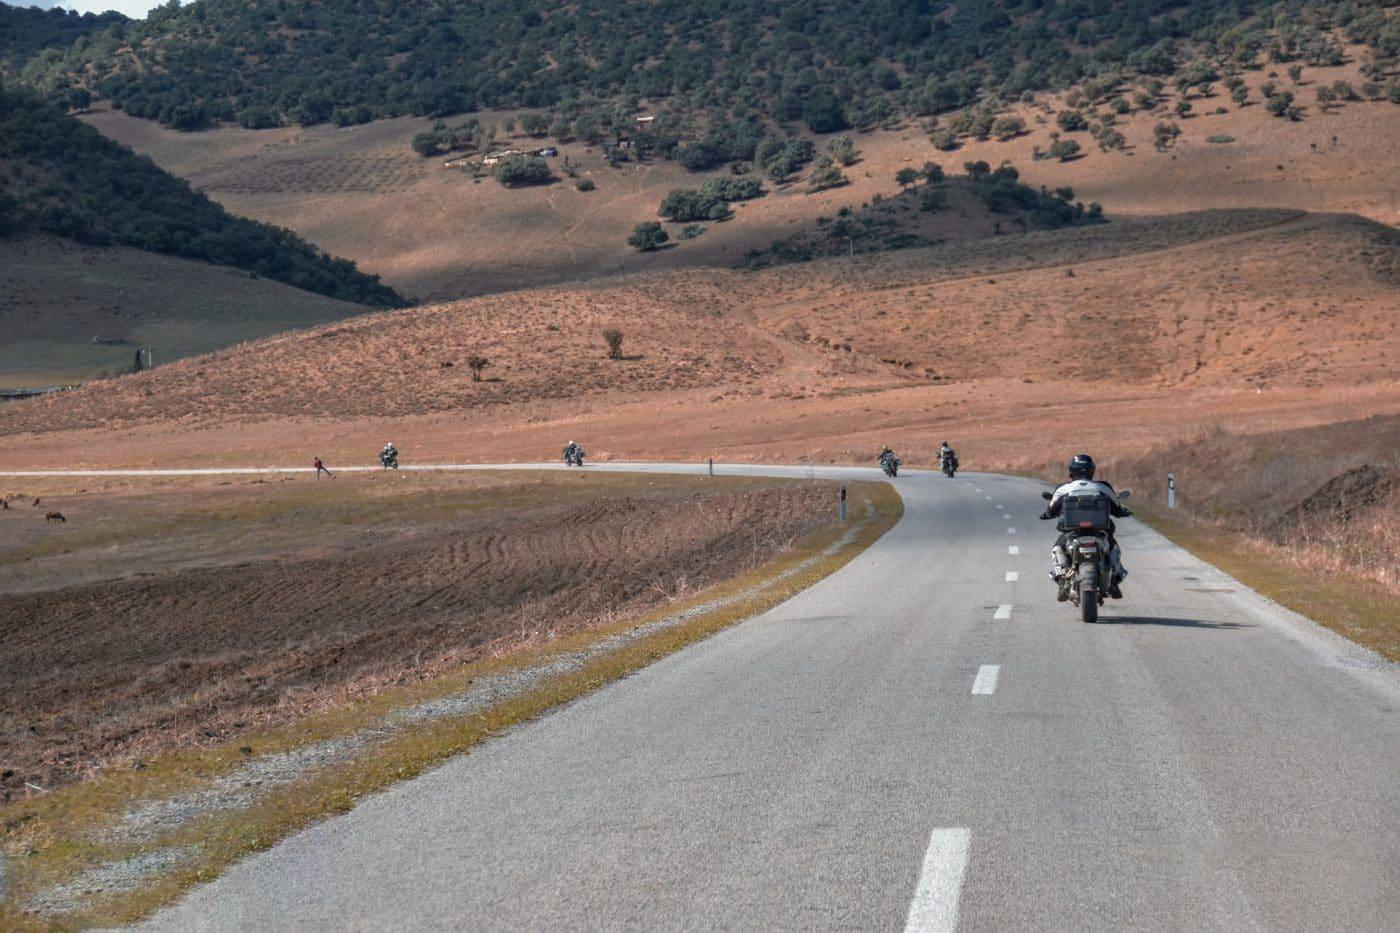 Een motor huren via Motoshare: Is dat wel verstandig?